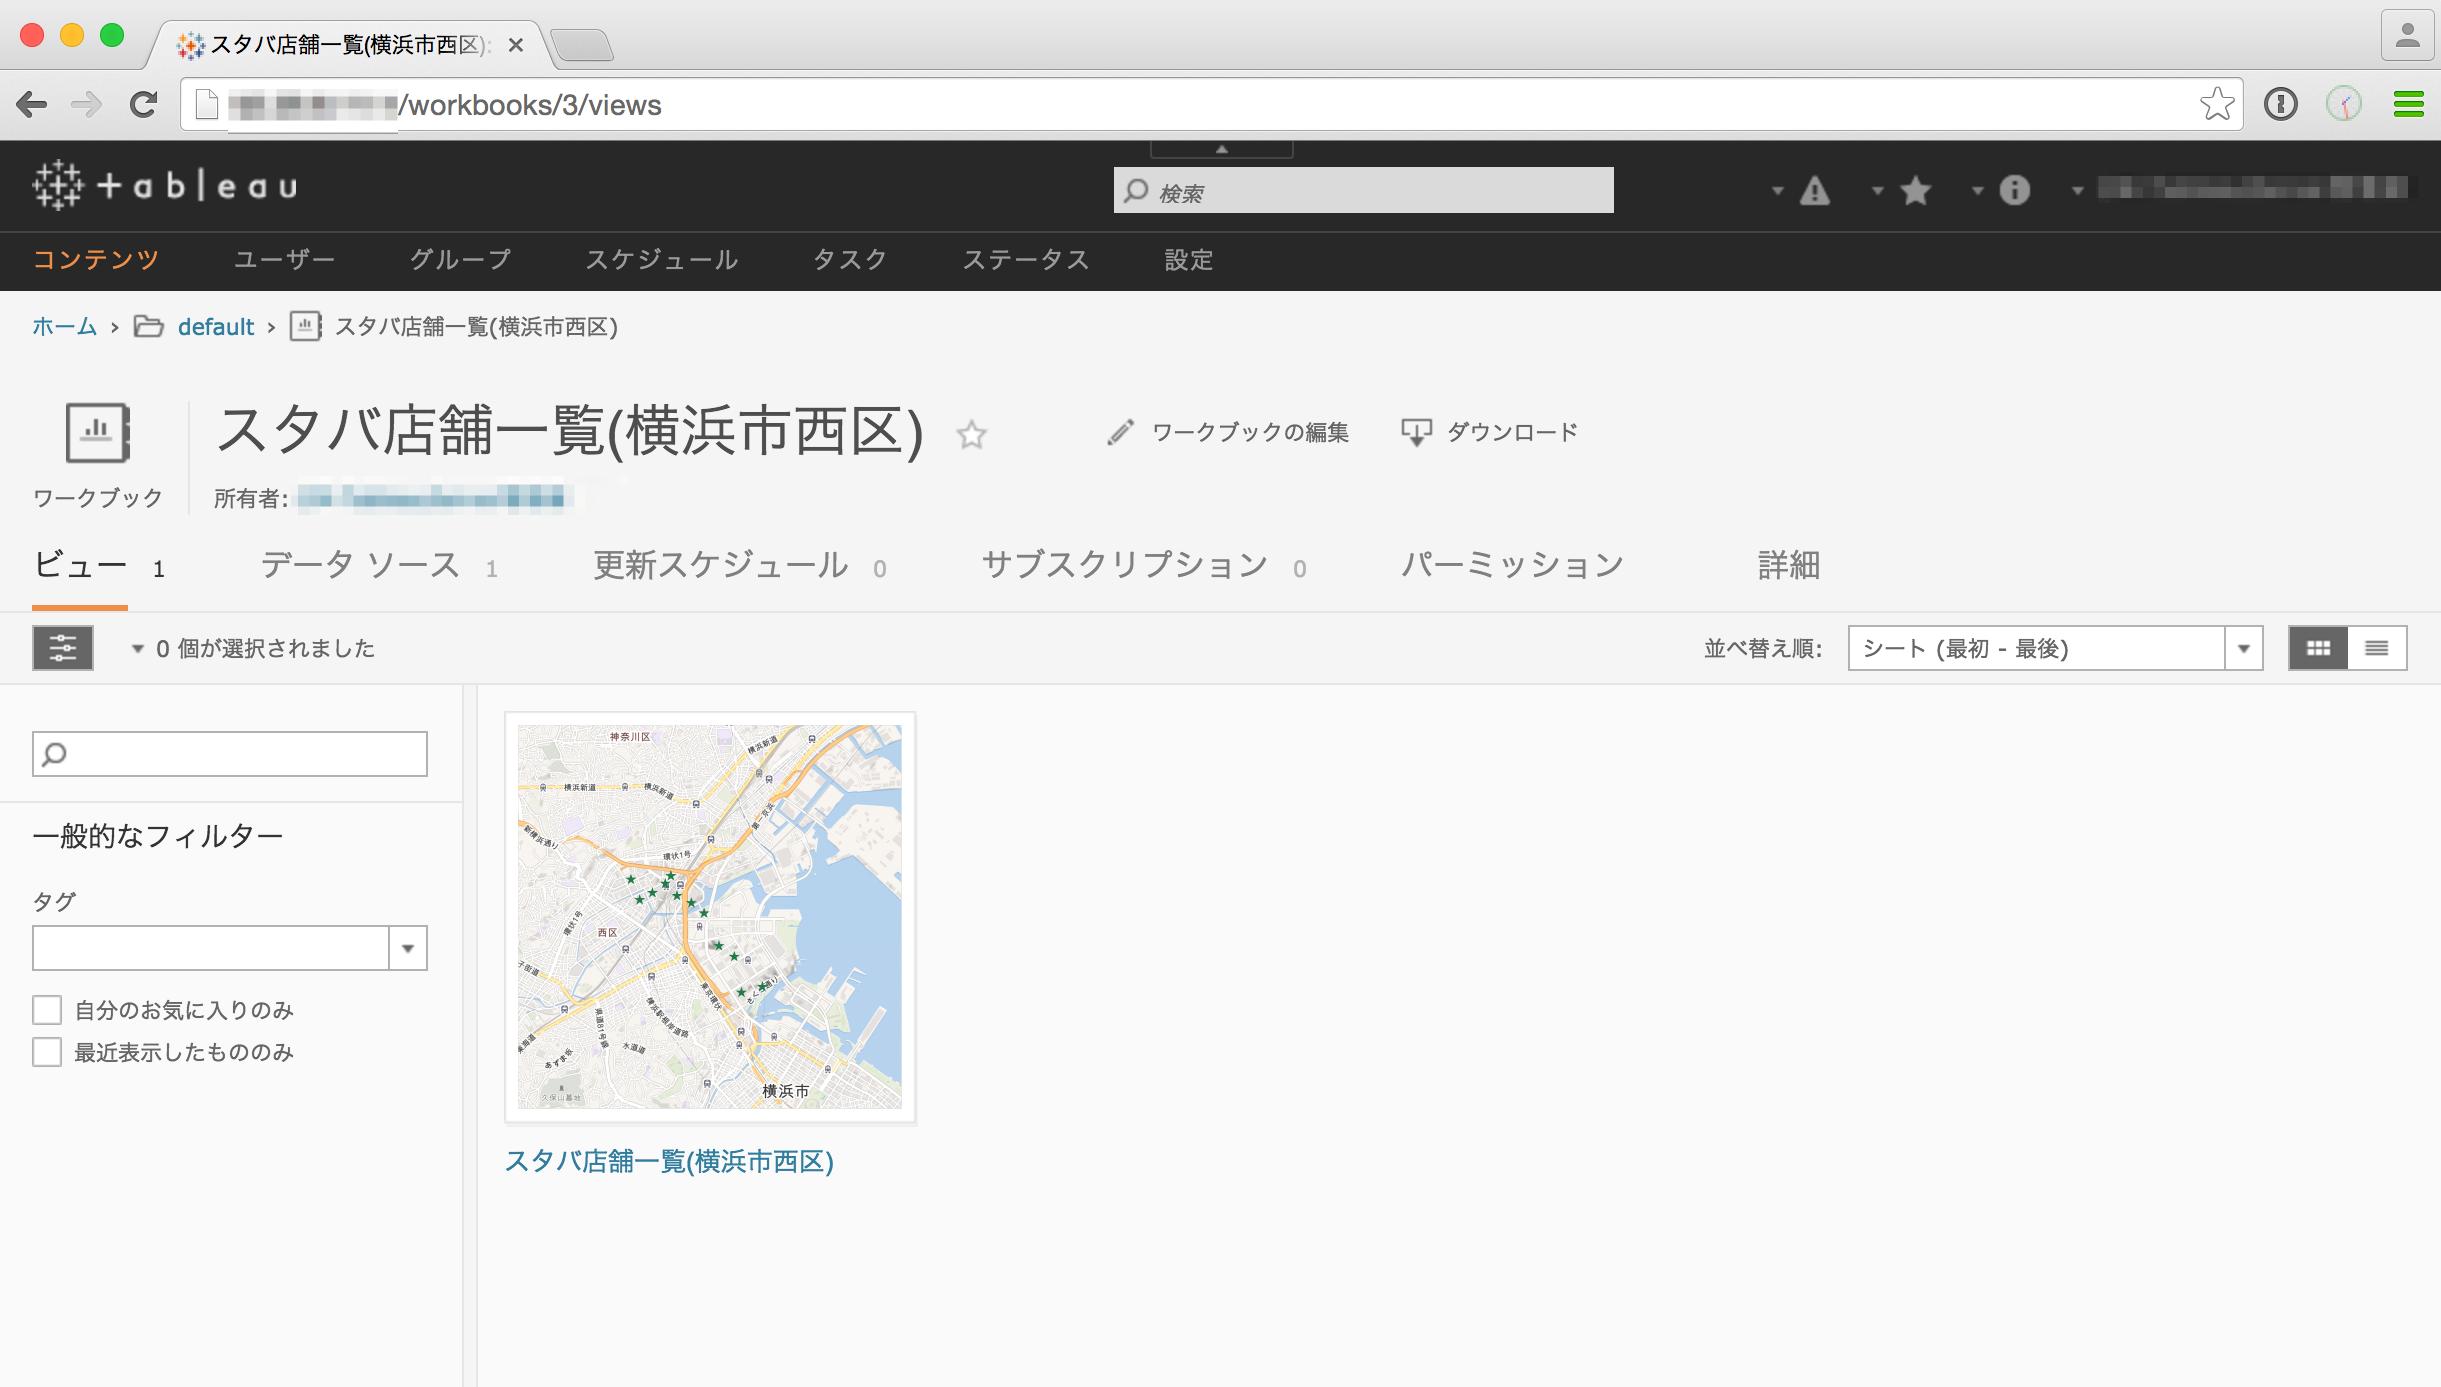 tableau92-geolocation_04